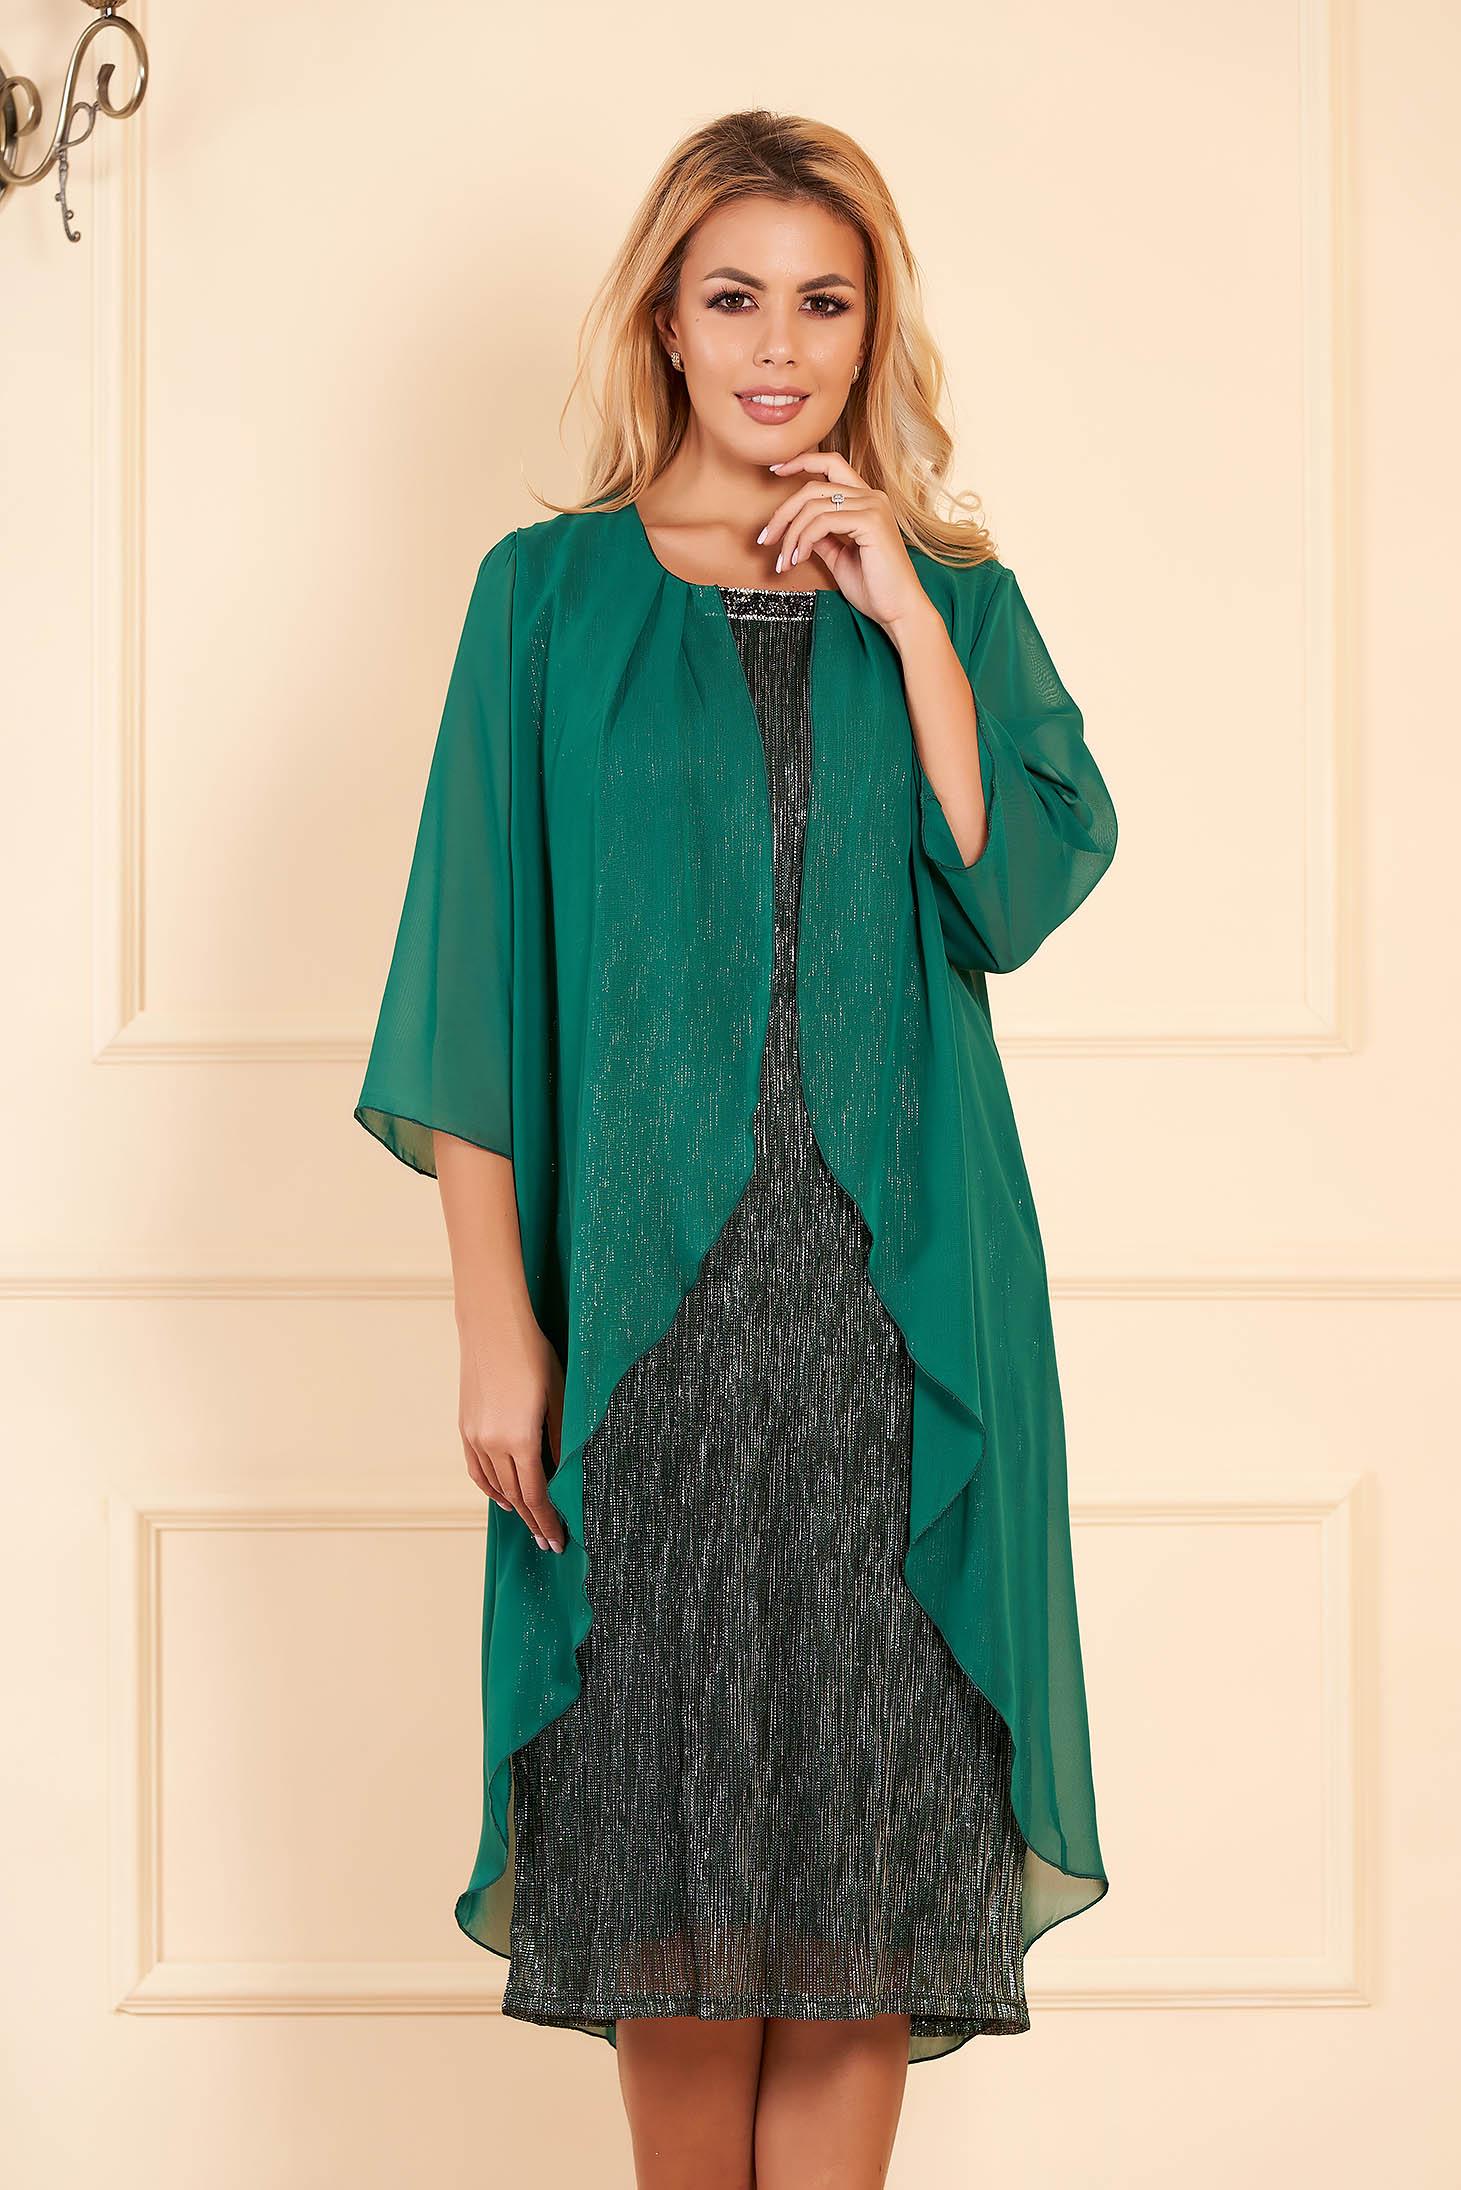 Rochie verde eleganta de ocazie midi tip creion cu maneci scurte cu maneci din voal suprapunere cu voal